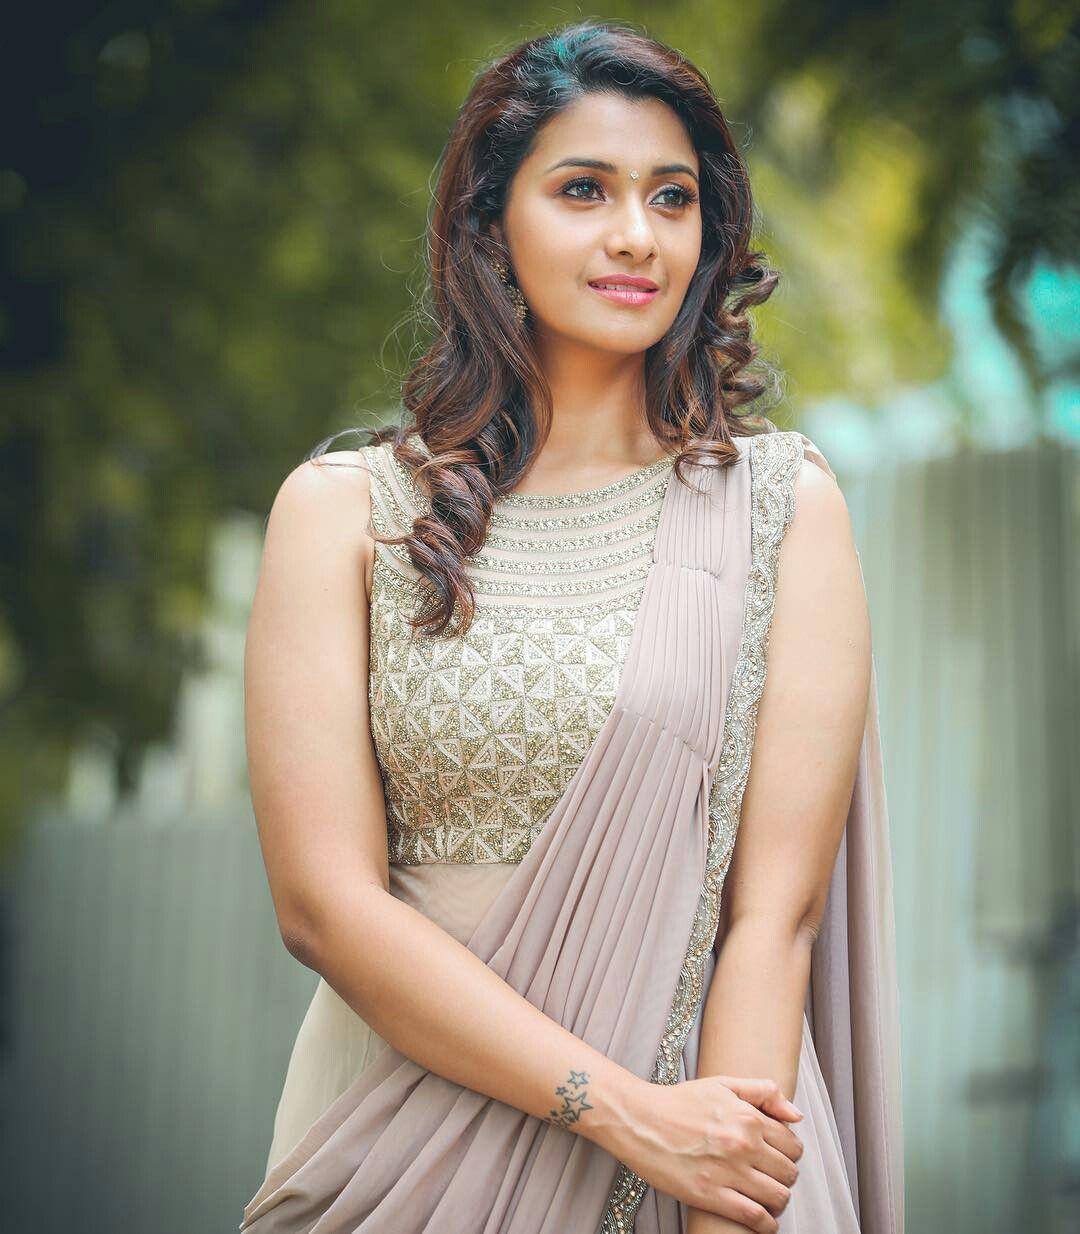 Actress Priya Bhavani Shankar Latest Photo Stills: Athulya Ravi Beautiful HD Photos 1080p 7936 Athulyaravi